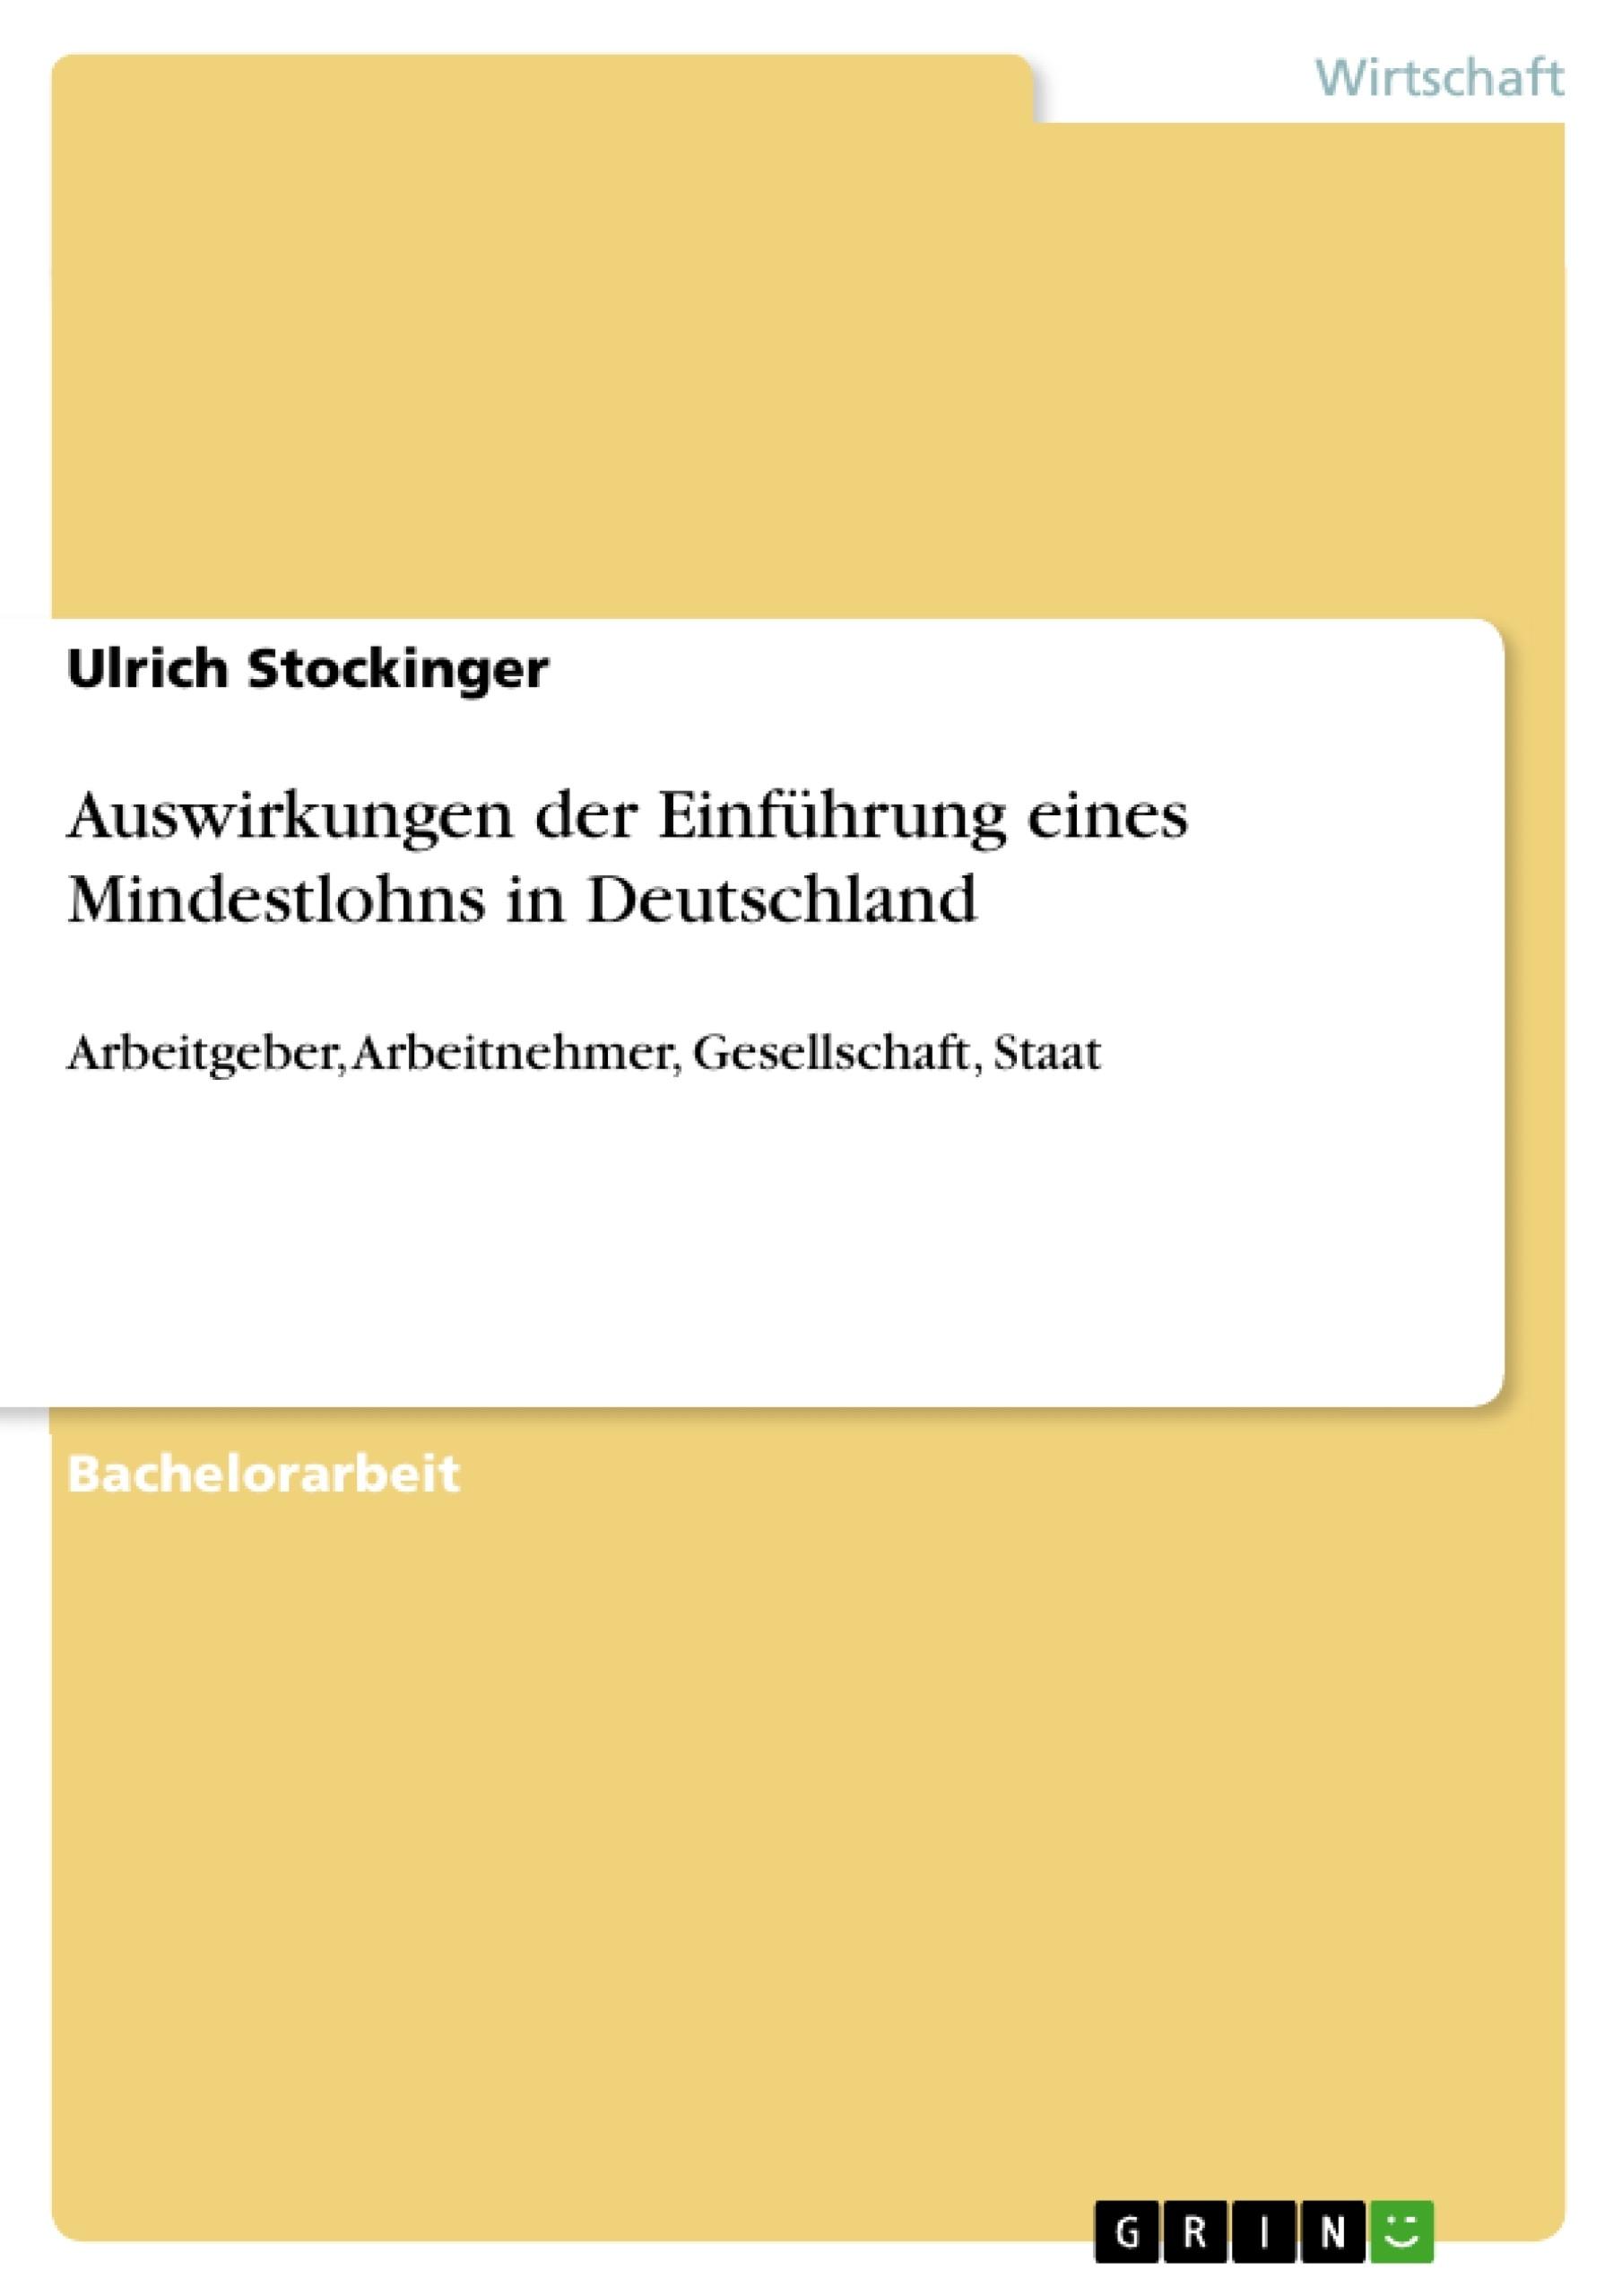 Titel: Auswirkungen der Einführung eines Mindestlohns in Deutschland